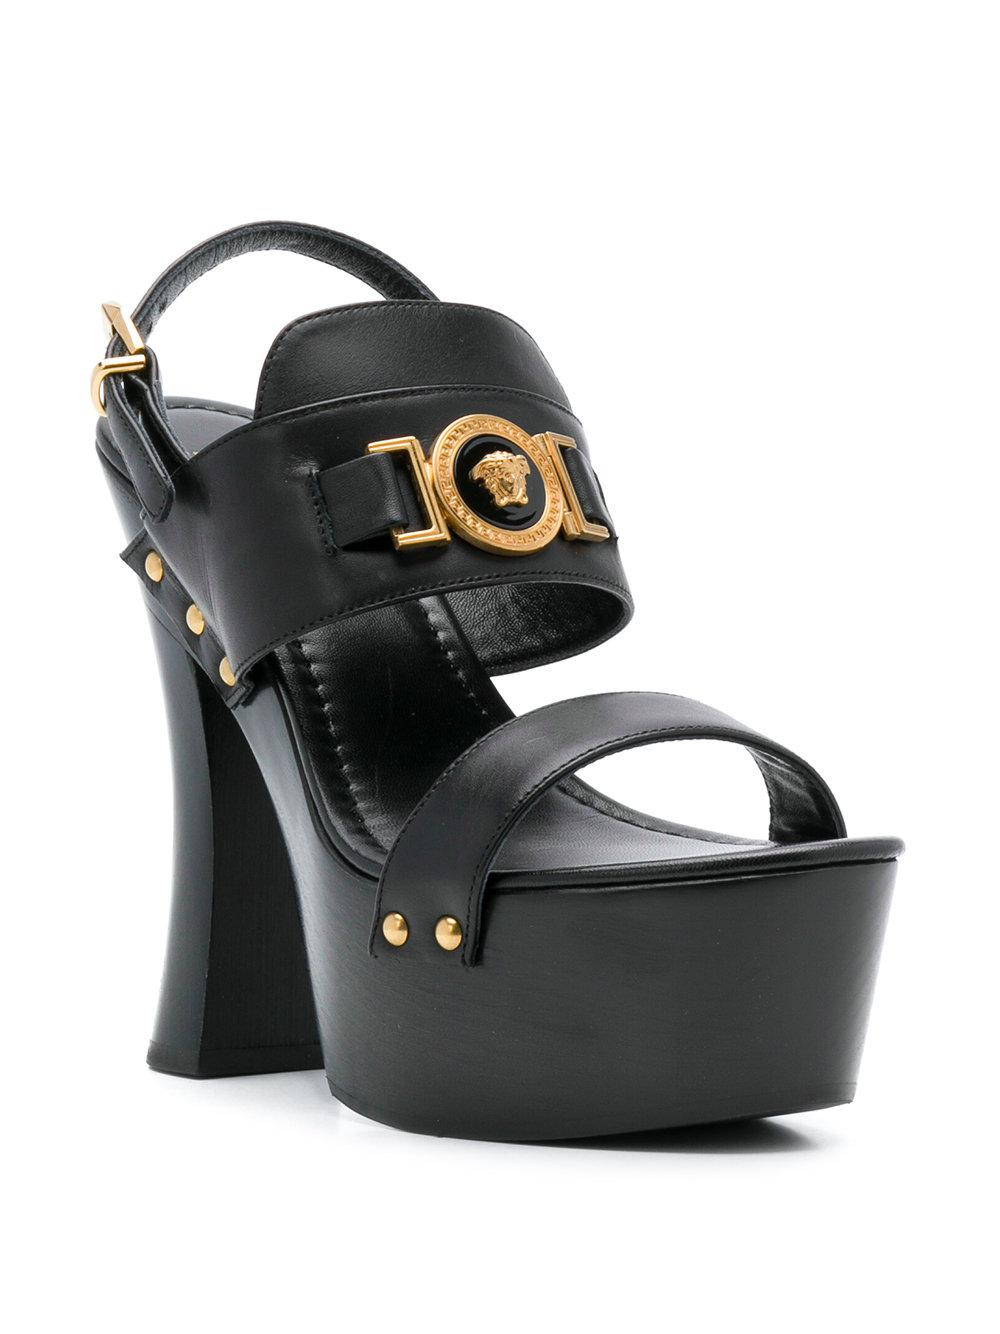 9af6e04a7ef Versace Medusa Triple-platform Sandals in Black - Lyst